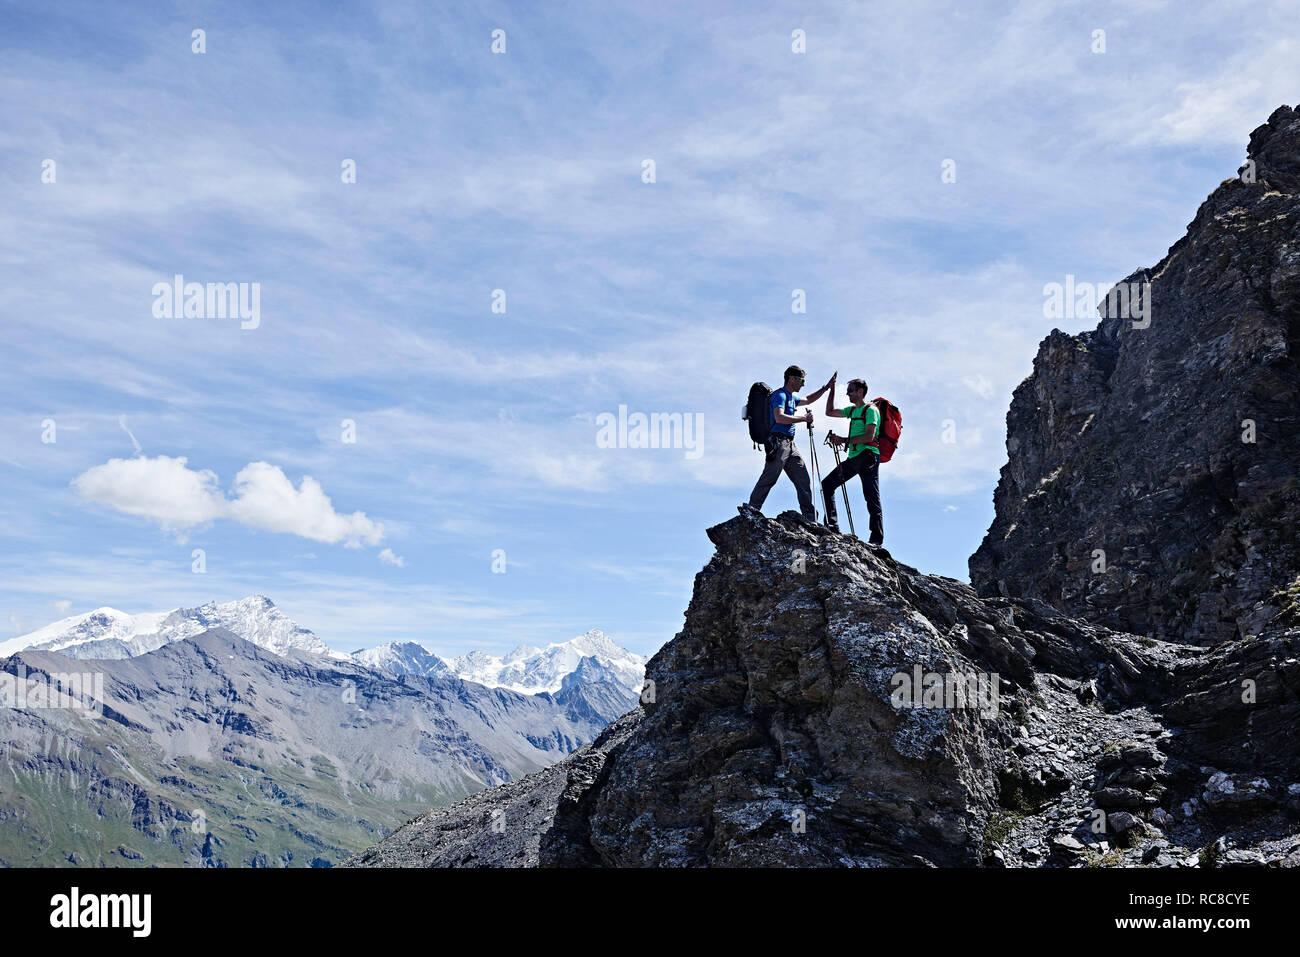 Les randonneurs sur les pics de haute fiving rock, Mont Cervin, Matterhorn, Valais, Suisse Banque D'Images